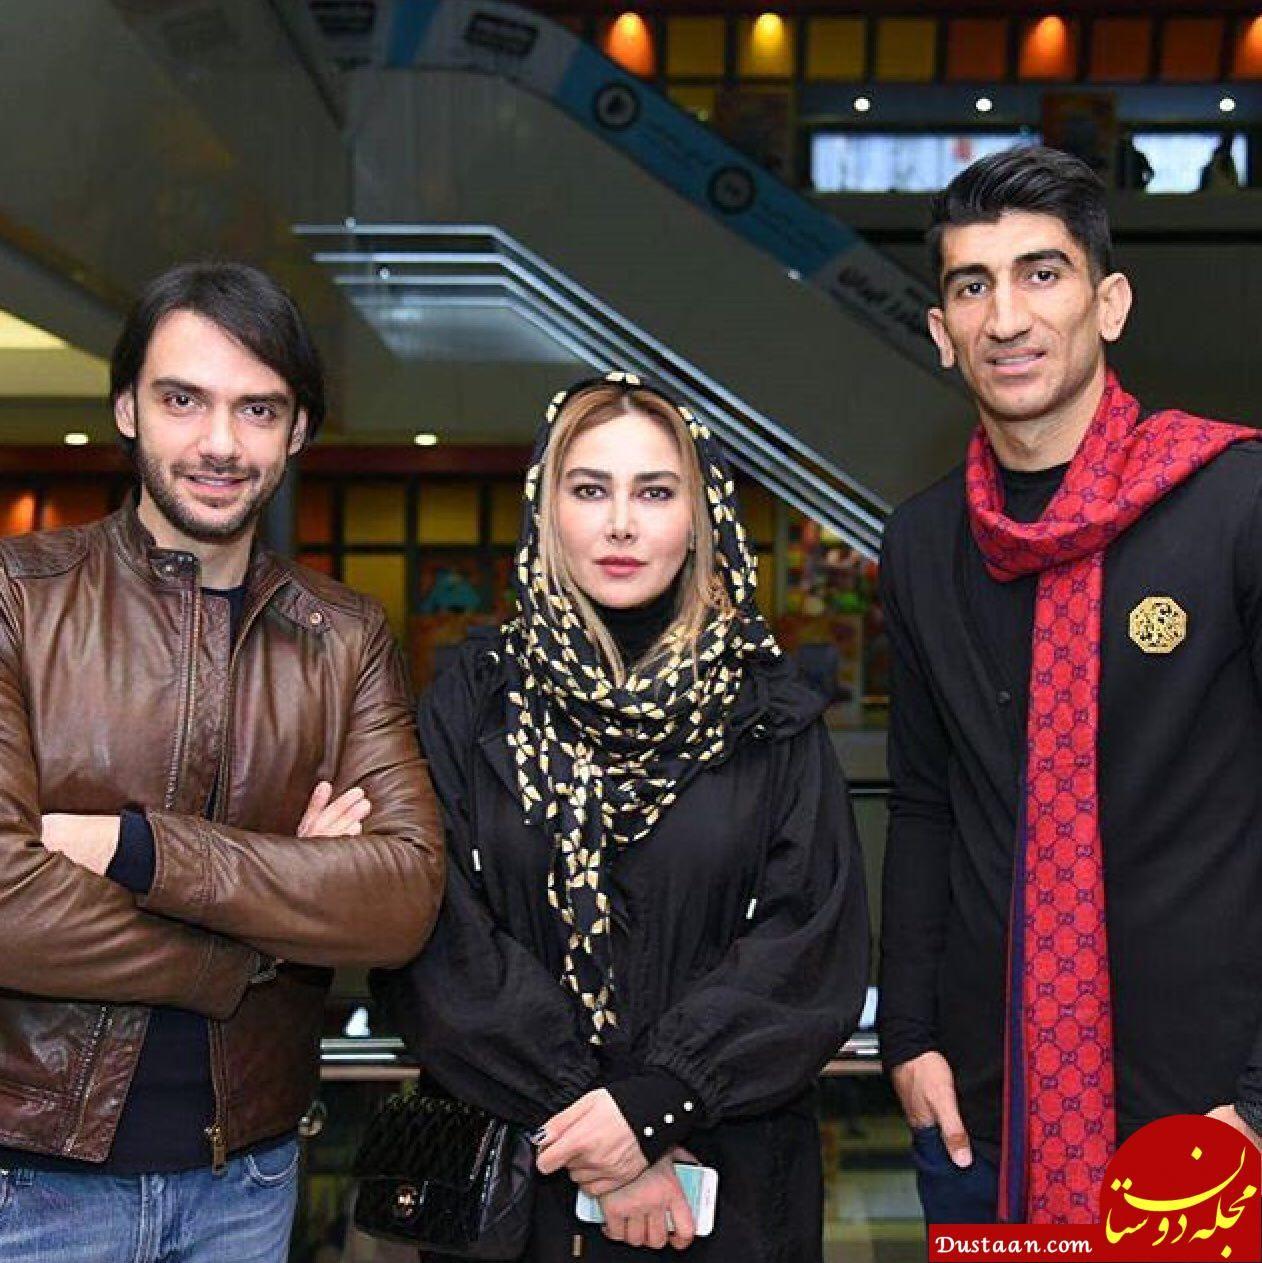 عکس یادگاری علیرضا بیرانوند با دو بازیگر سرشناس - مجله اینترنتی دوستان